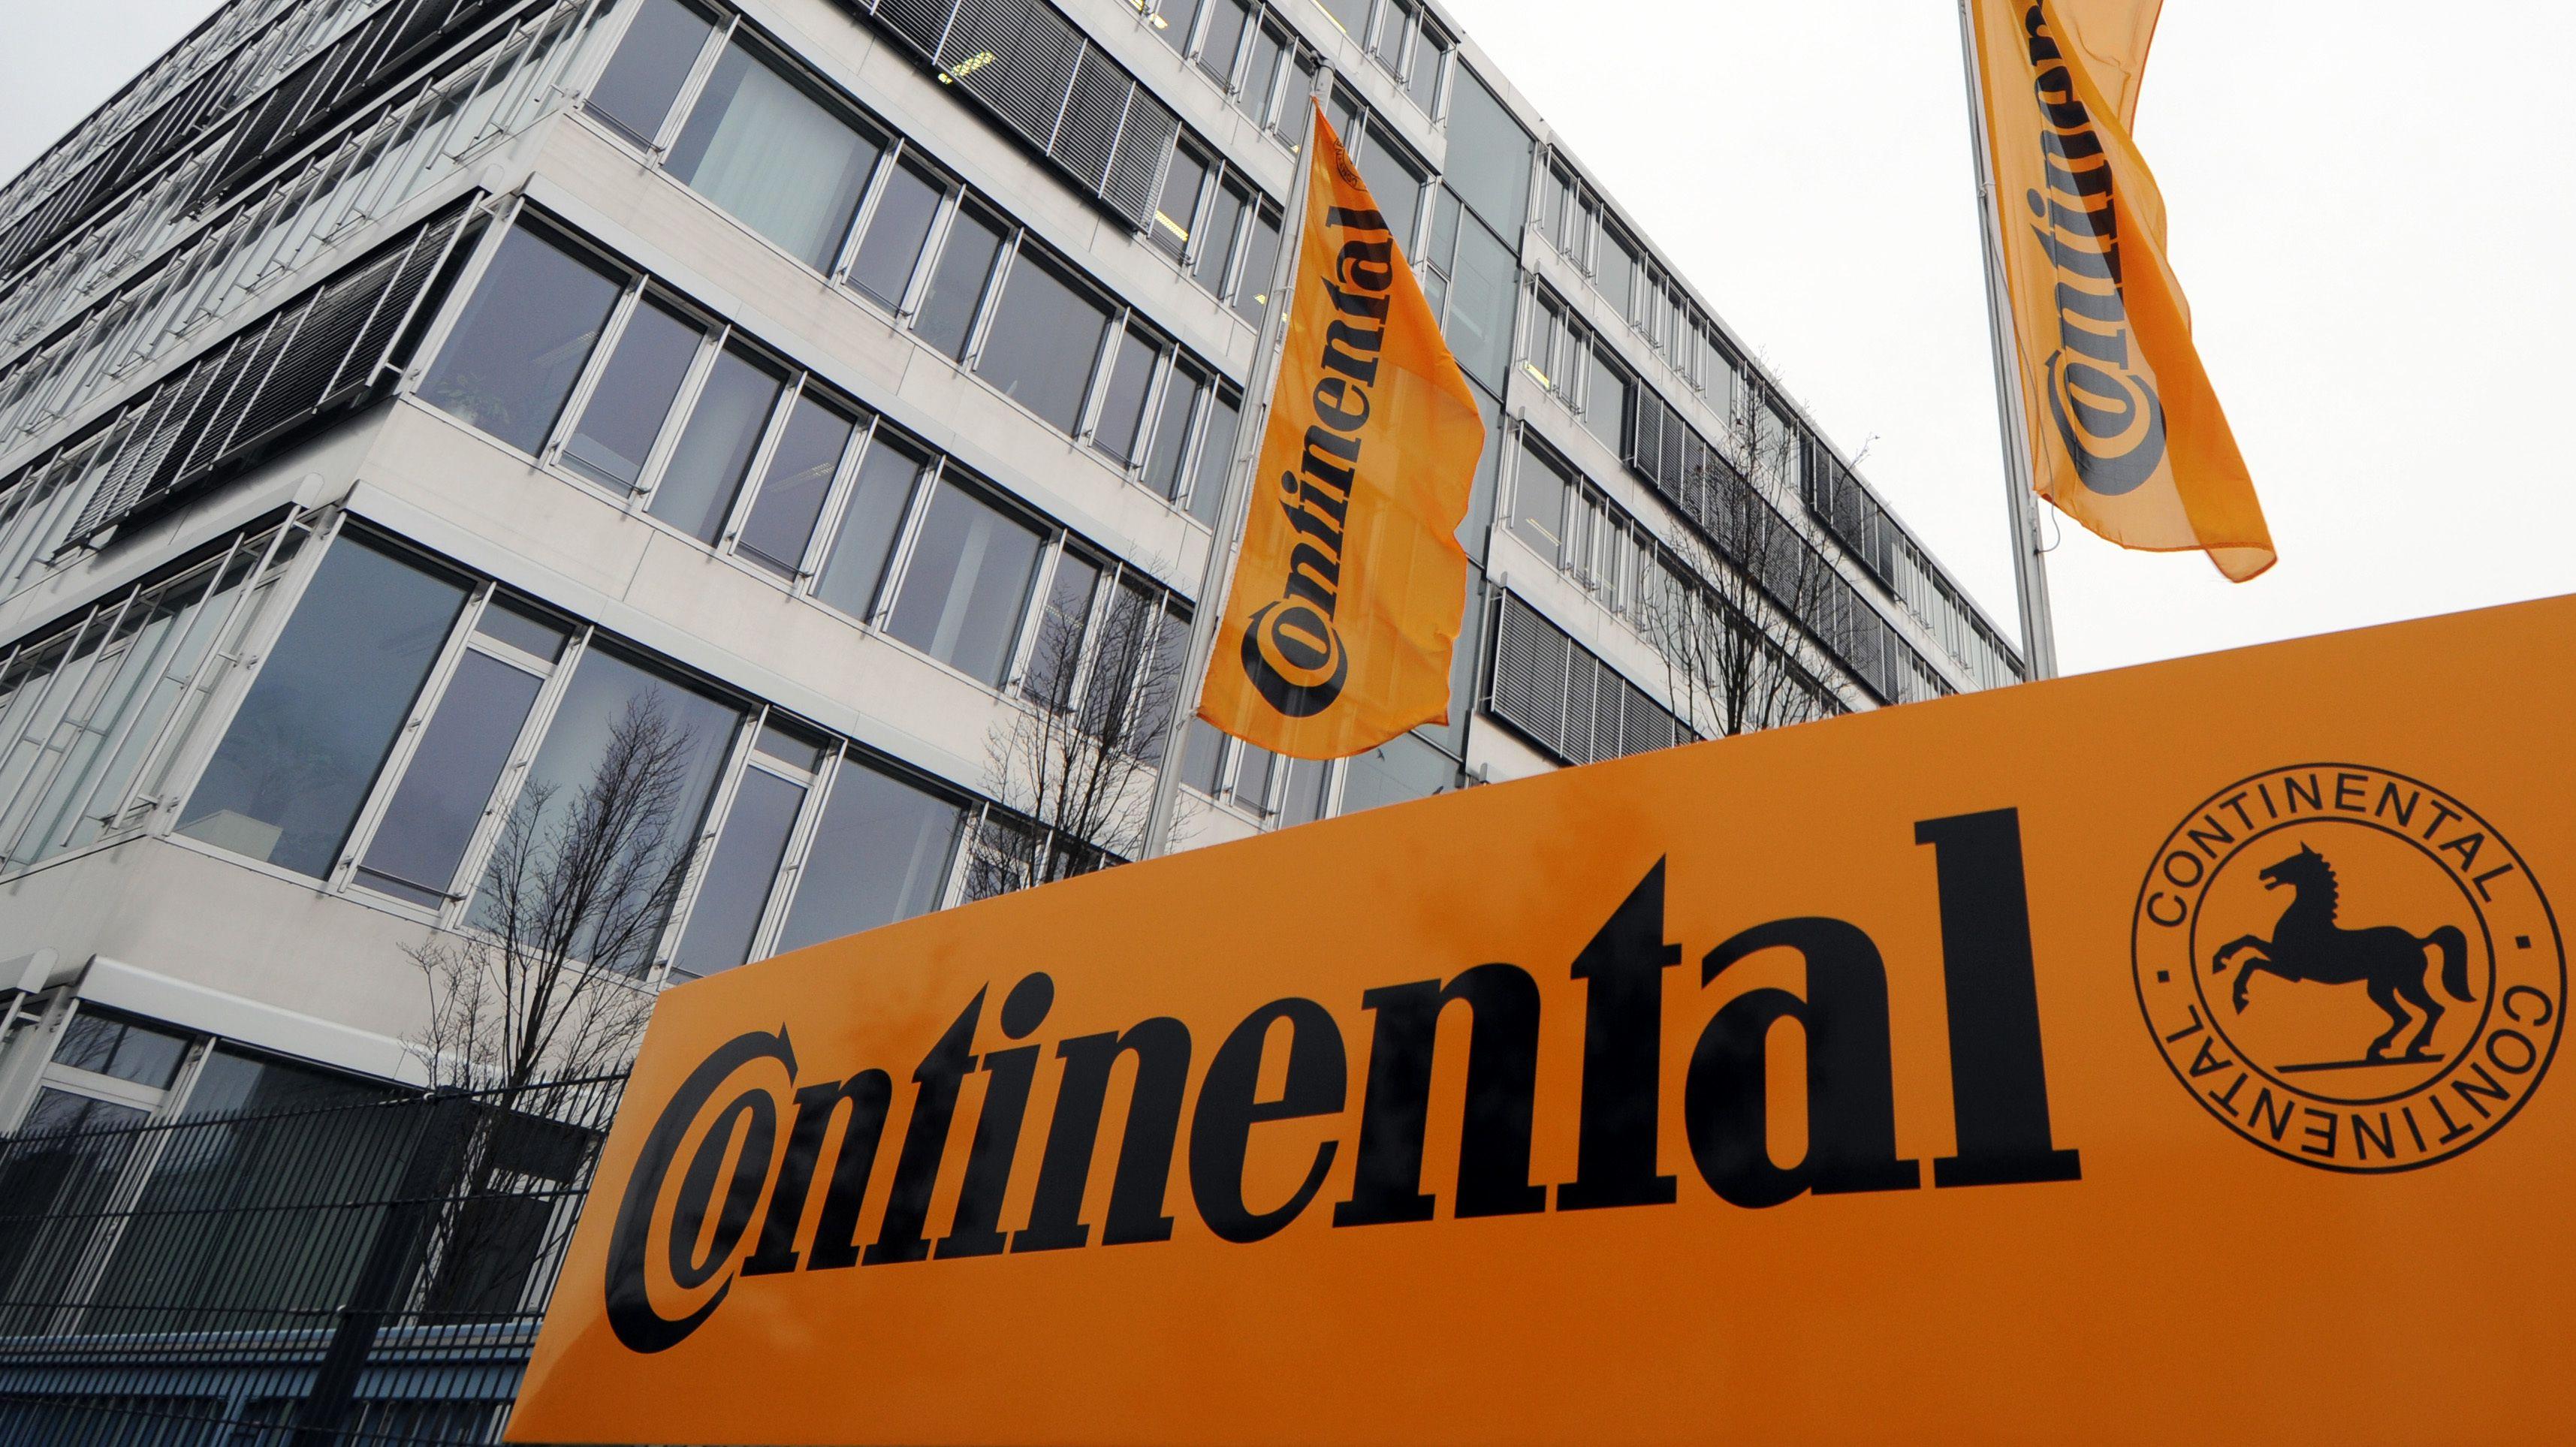 Das Continental-Werk in Regensburg. Von insgesamt Conti-Mitarbeitern an diesem Standort arbeiten rund 2.500 im Bereich Powertrain.